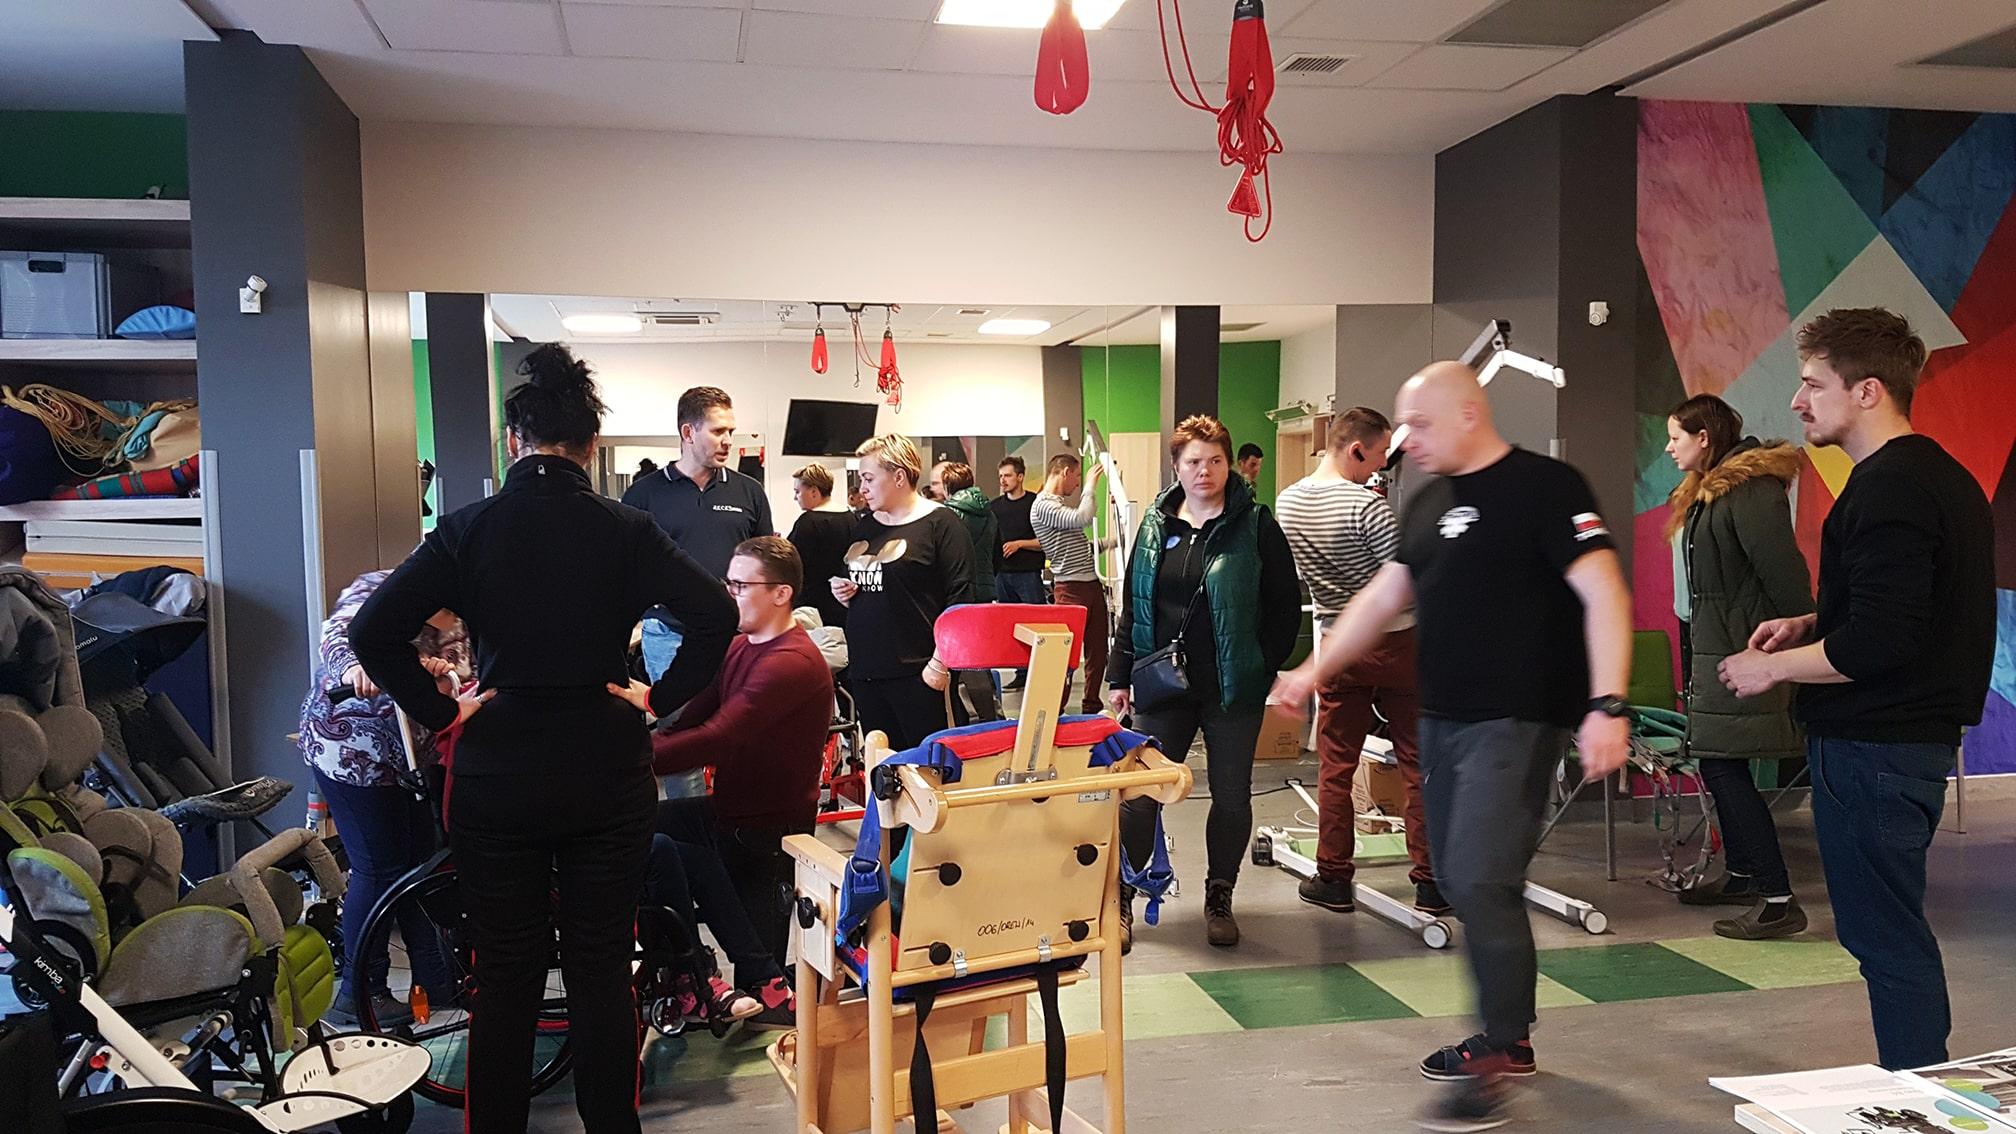 Pokaz sprzętu rehabilitacyjnego dla niepełnosprawnych w Żorach